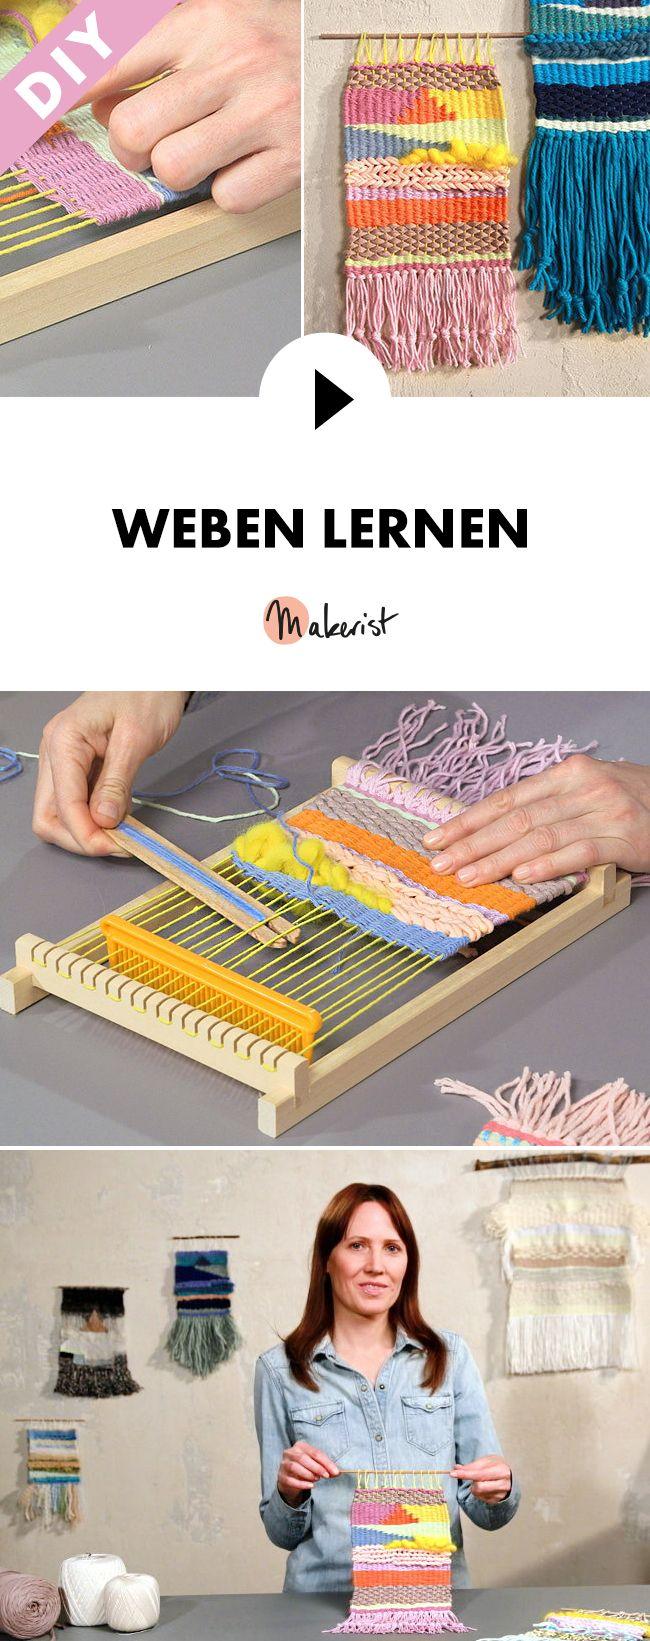 Weben lernen im Webrahmen - Schritt für Schritt erklärt im Video-Kurs via Makerist.de